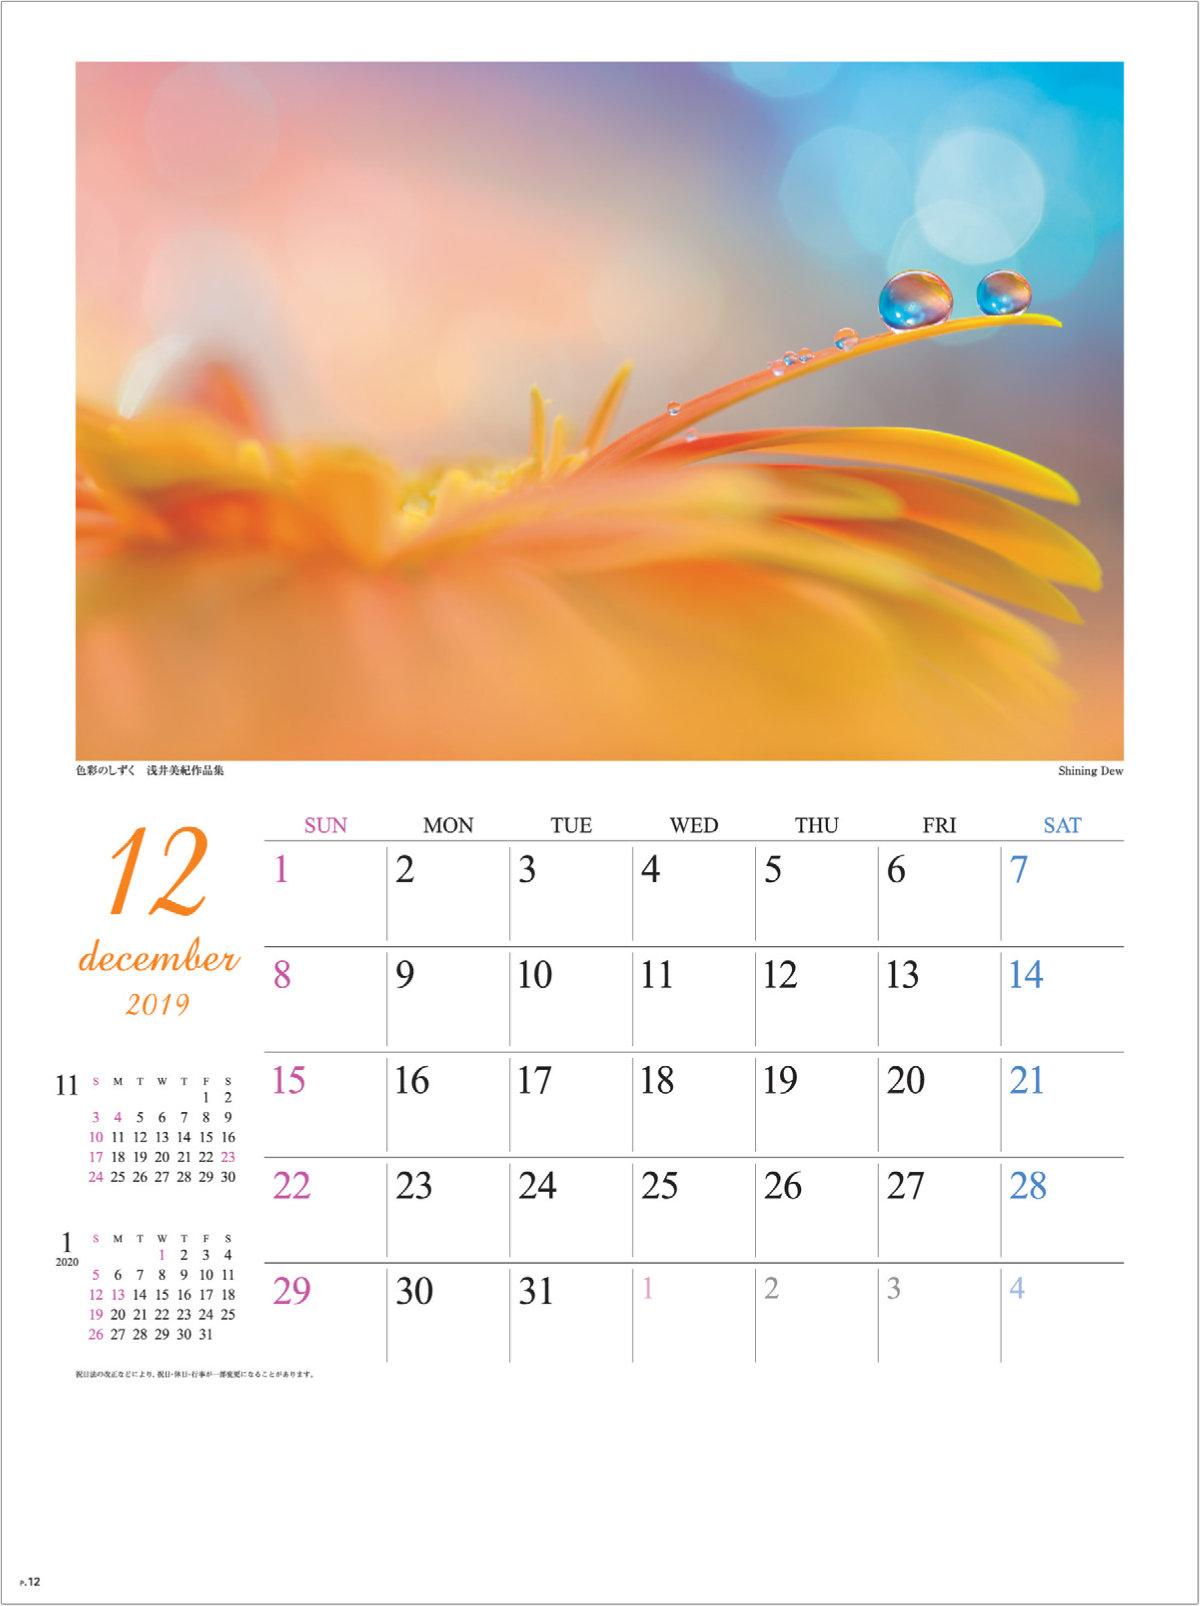 画像:浅井美紀 写真作品「Shining Dew」 色彩のしずく・浅井美紀作品集 2019年カレンダー